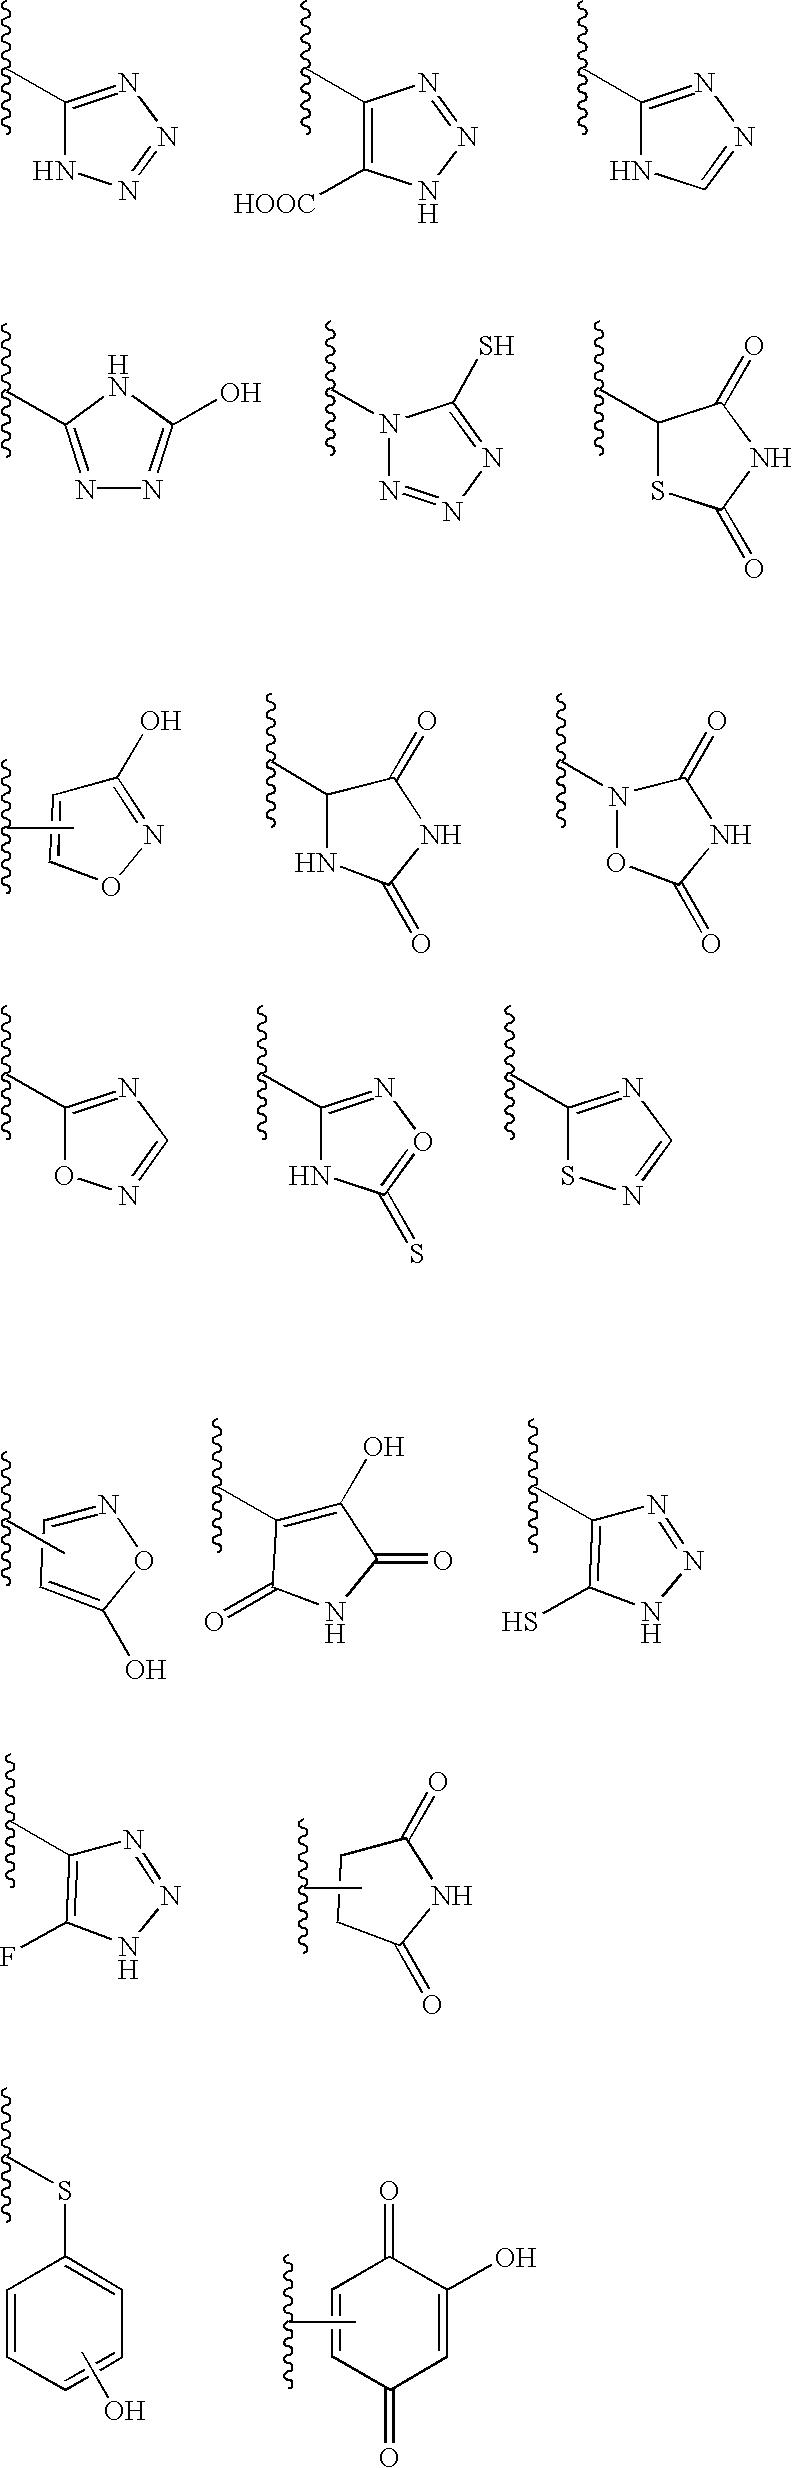 Figure US20030203890A1-20031030-C00004